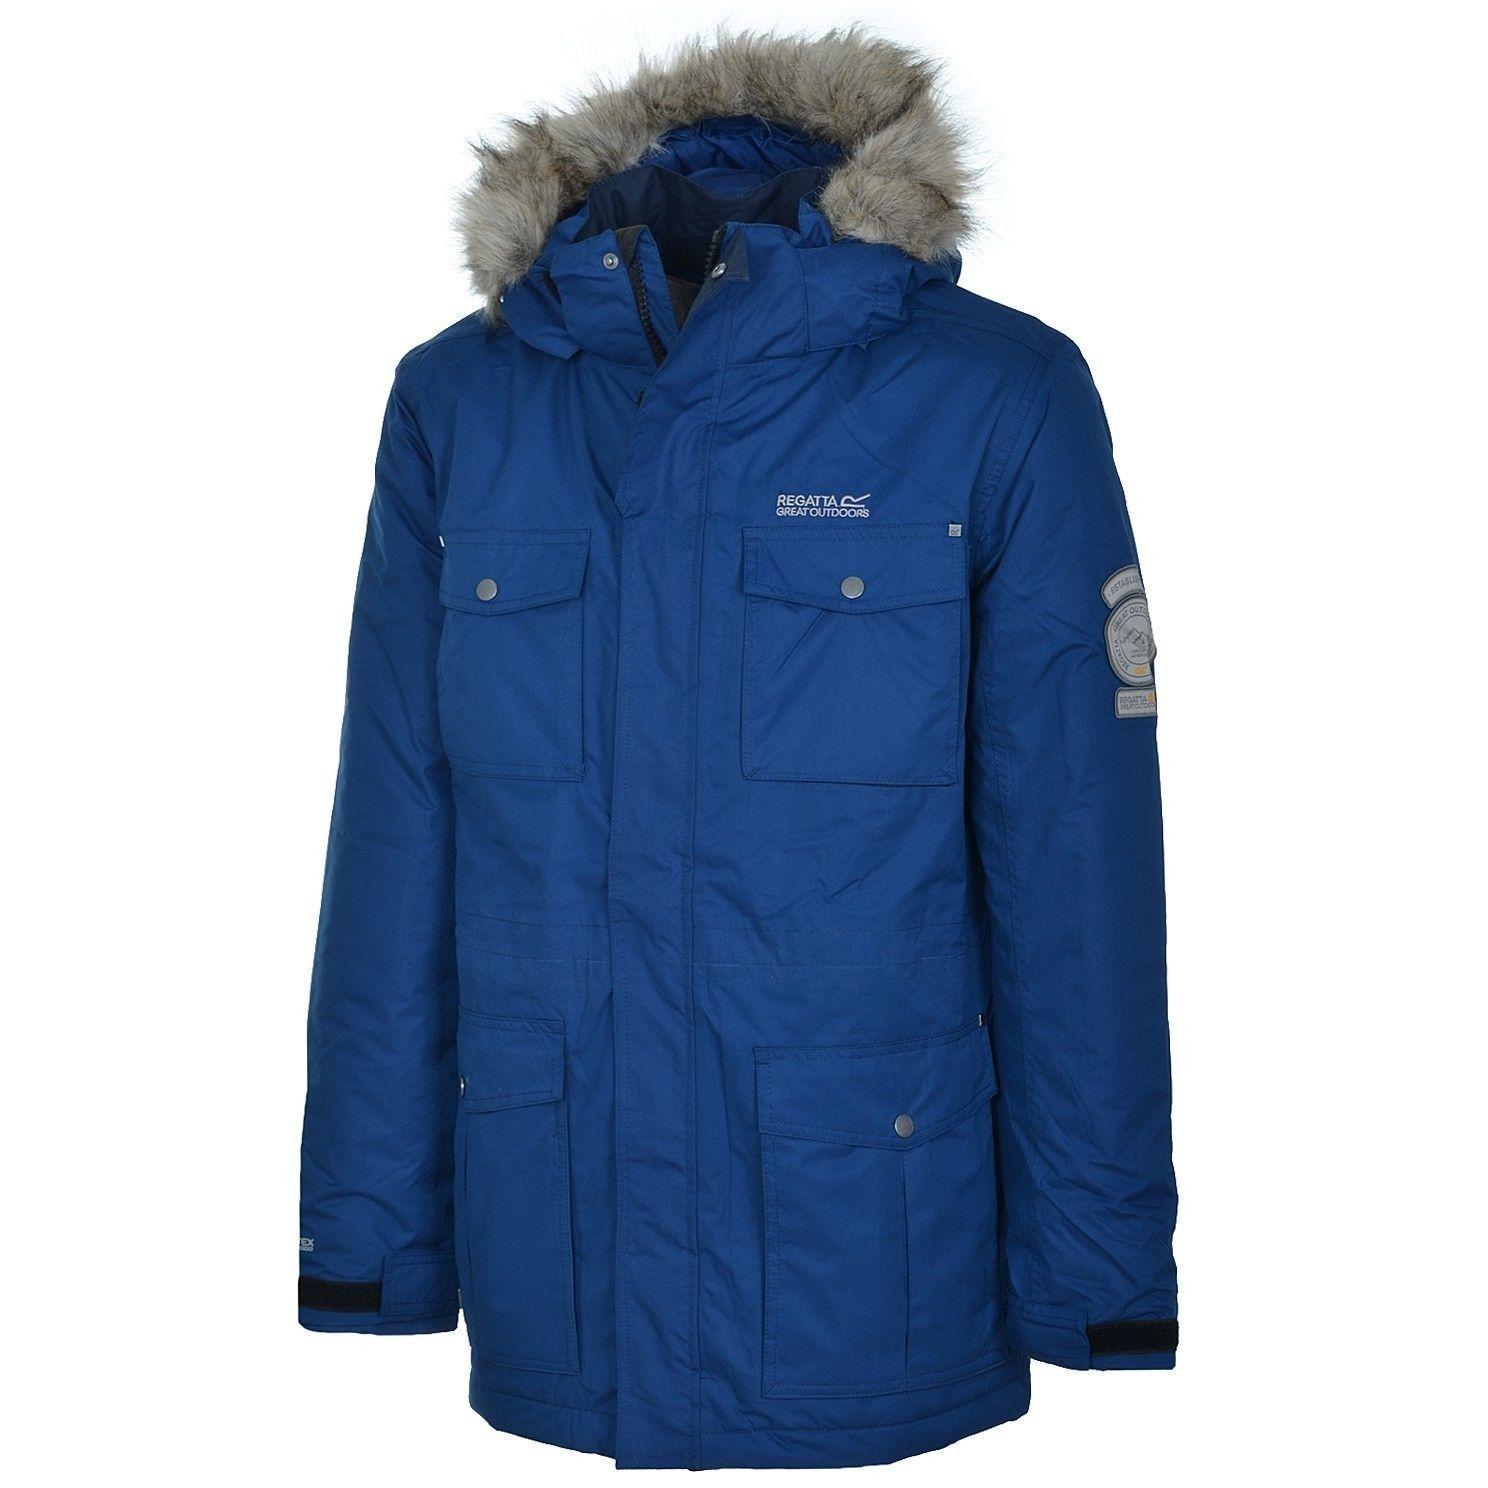 Señores invierno chaqueta Regatta skyber Parka nieve PVP  hasta 5xl